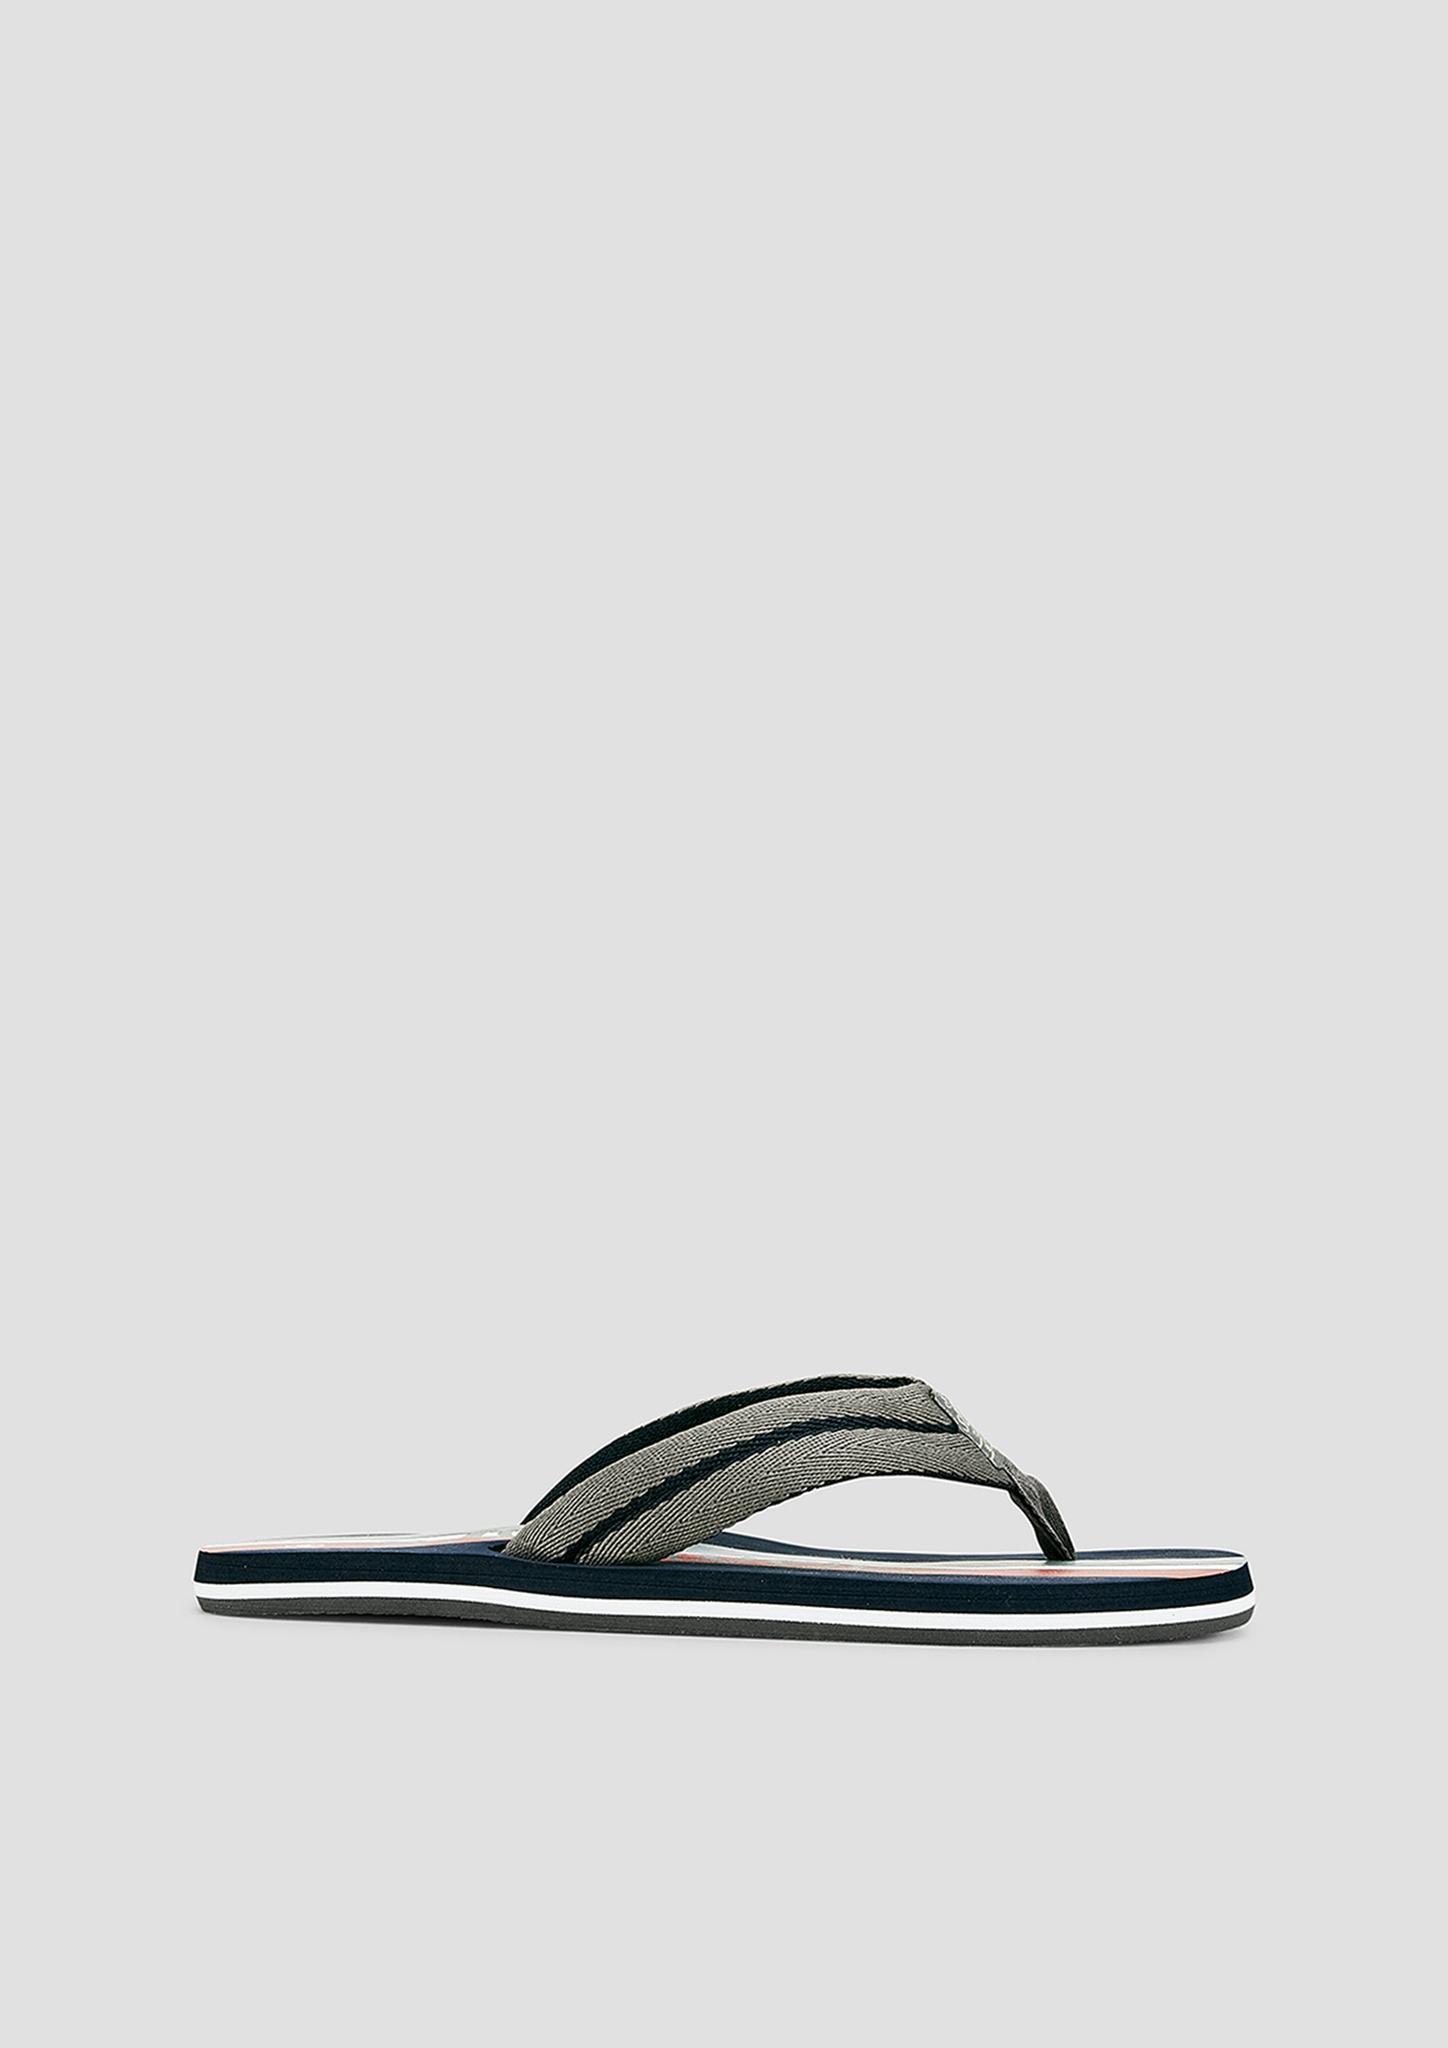 Zehenpantolette | Schuhe > Clogs & Pantoletten | Grau | Obermaterial aus textil| futter aus textil -  innensohle und laufsohle aus synthetik | s.Oliver